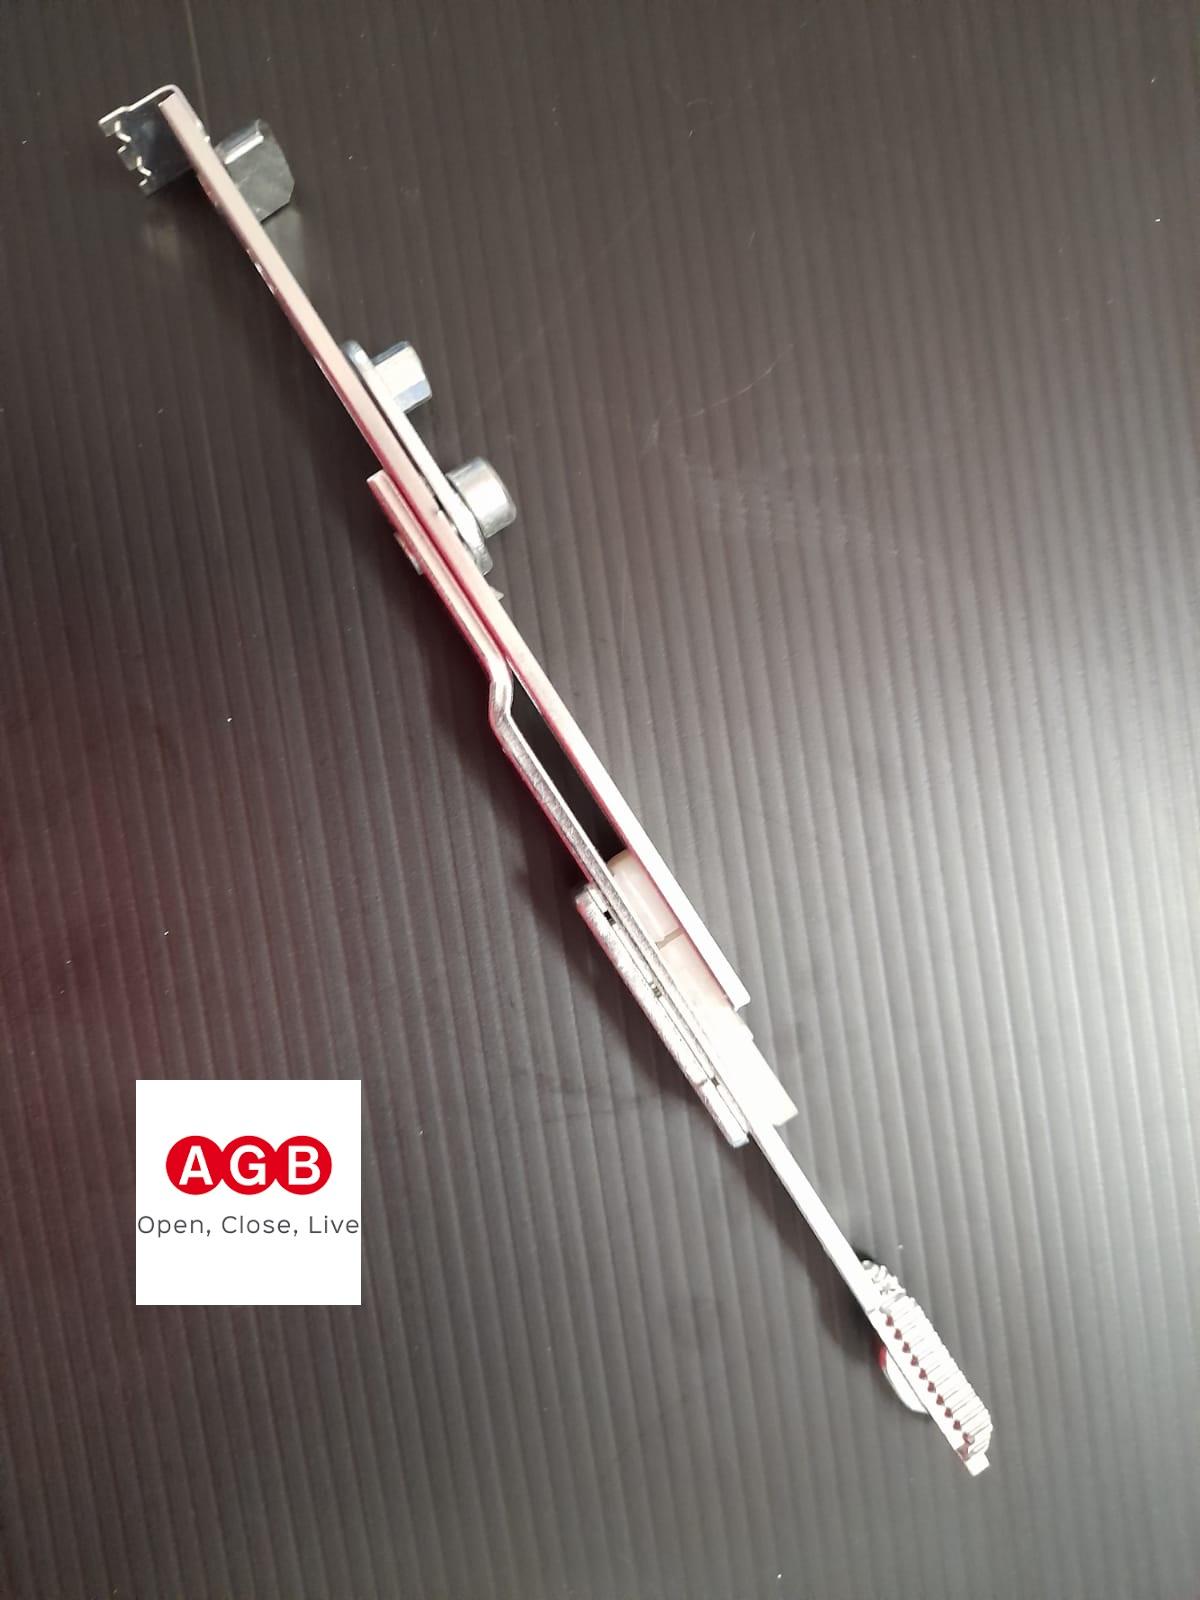 AGB Terminale inferiore  ribalta A501930206 ARTECH